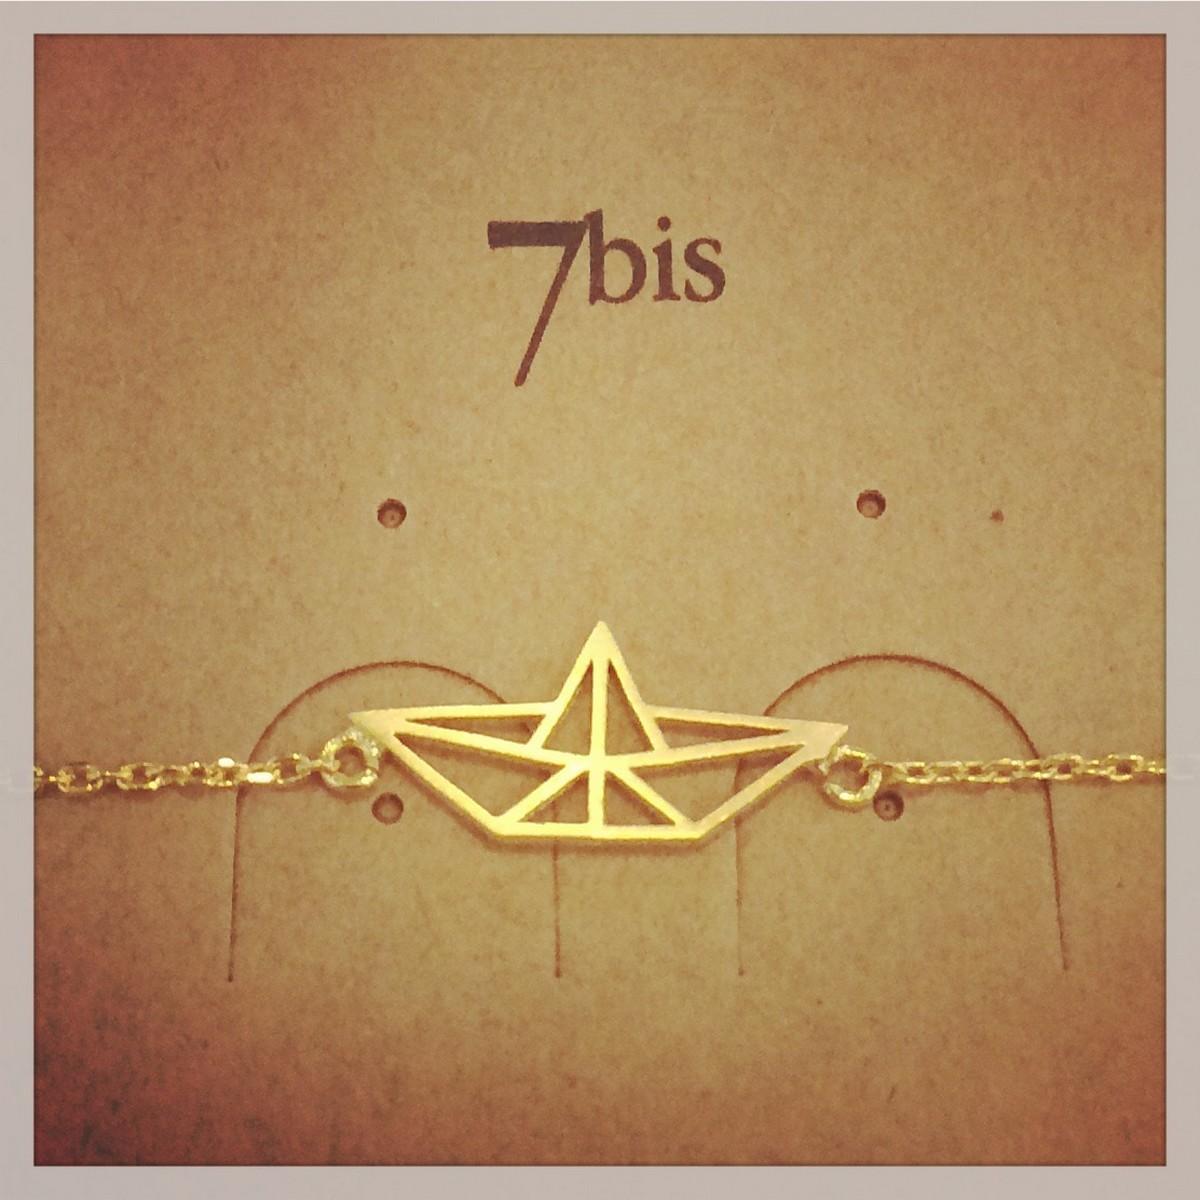 Bracelet Bateau Geometrique Origami Pliage E Shop Bijoux 7bis